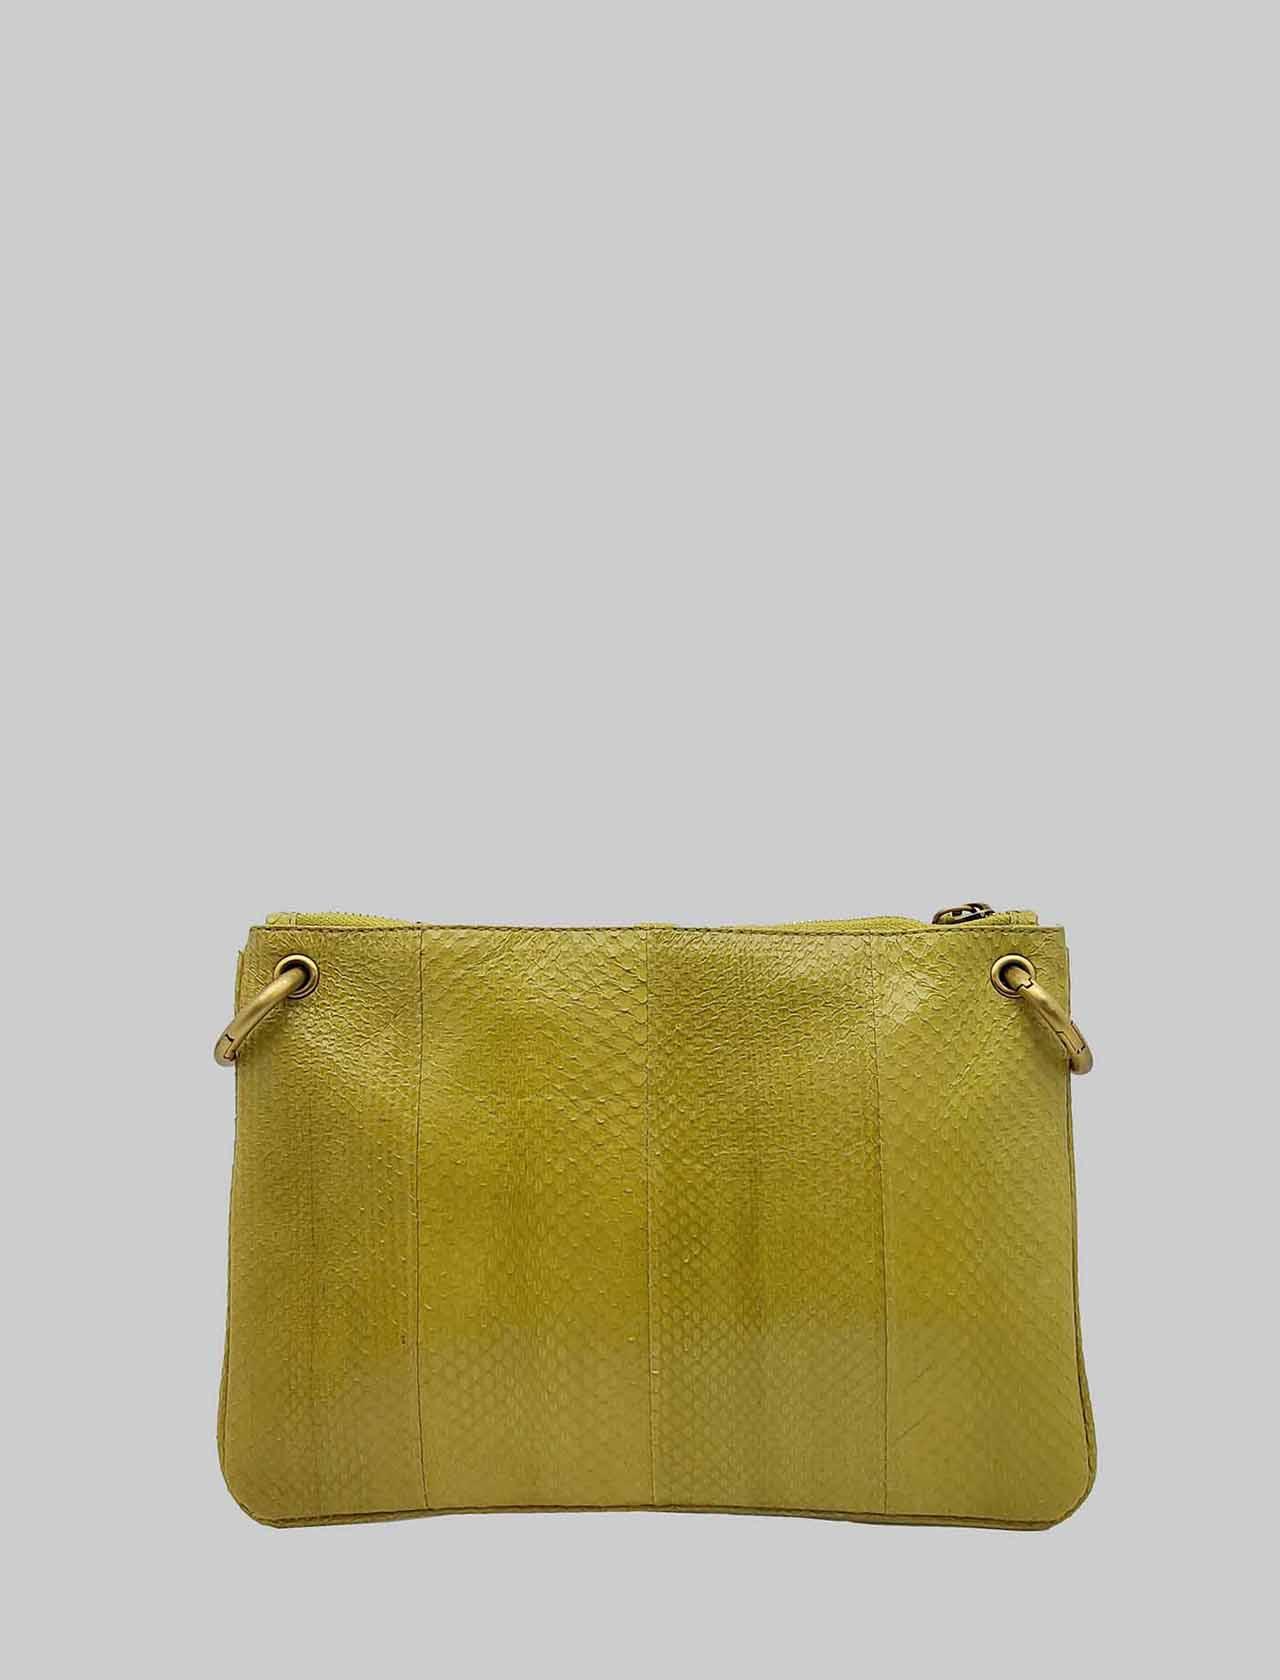 Borsa Donna Tracolla Piccola Exotic Woven in Wips Verde Cedro con Tracolla Removibile in Tinta Maliparmi | Borse e zaini | BD00670143660032